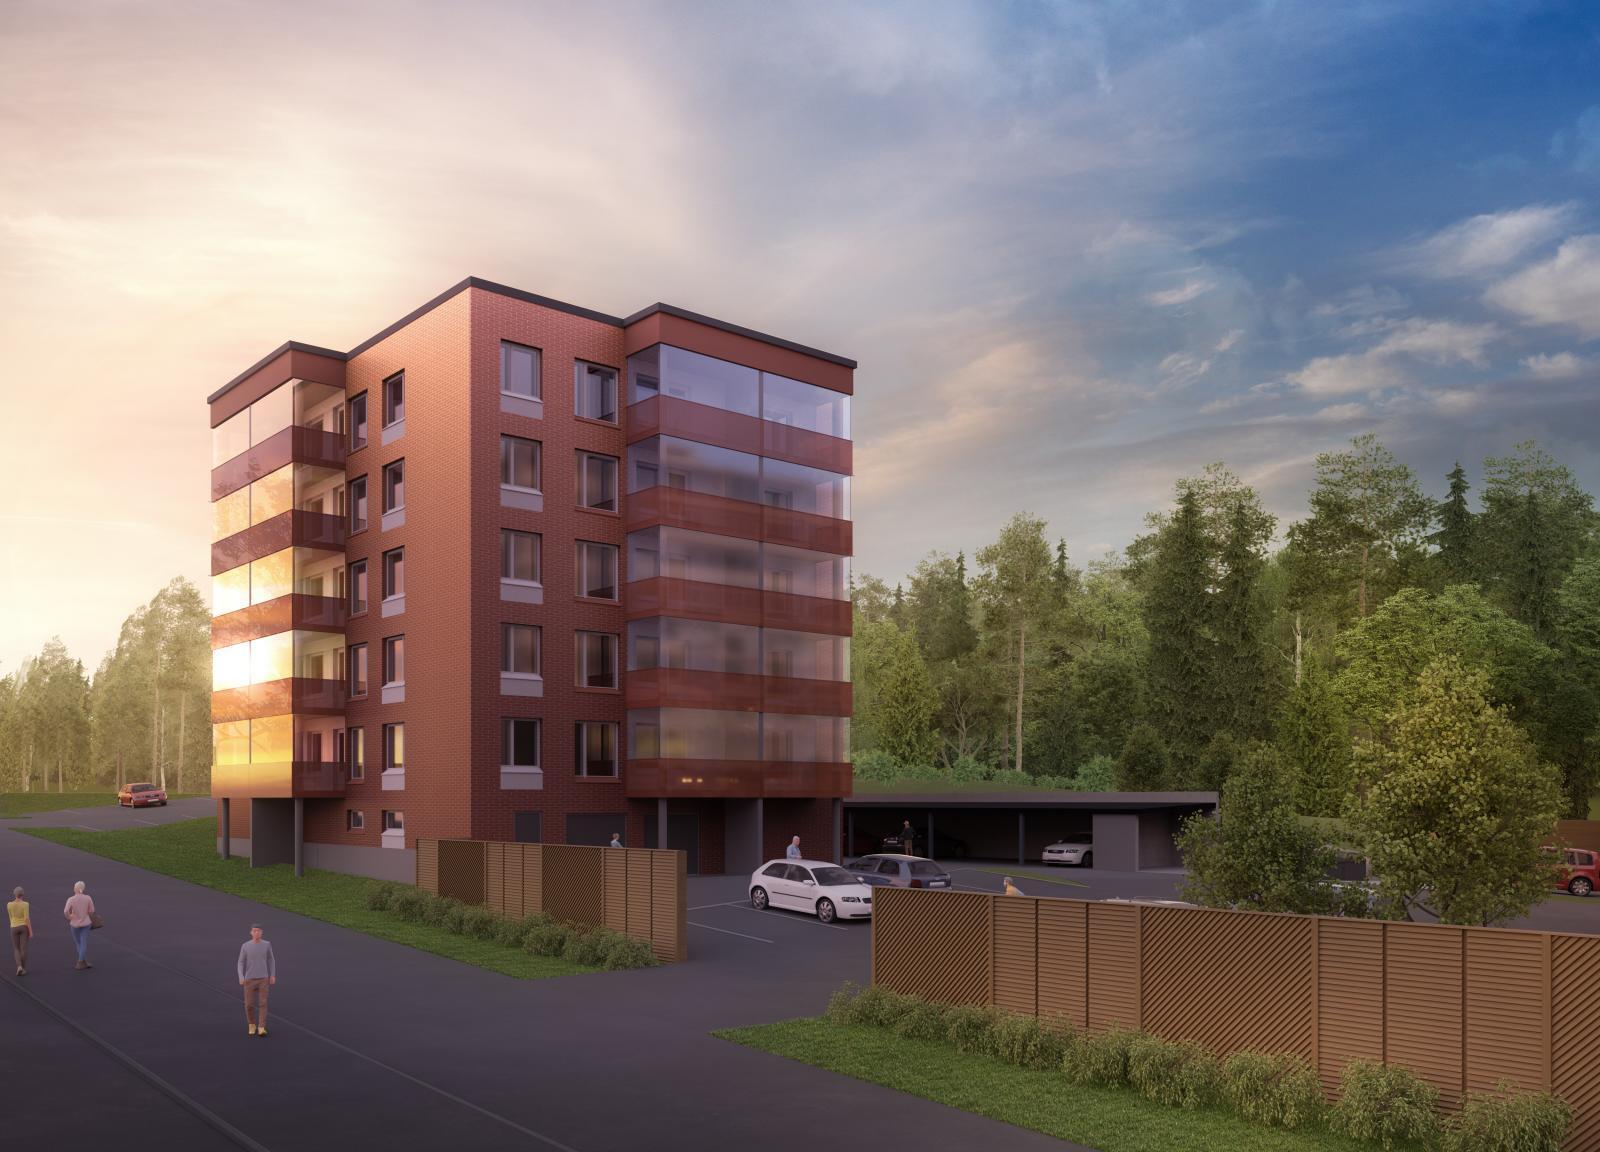 Jynkkä, Kuopio